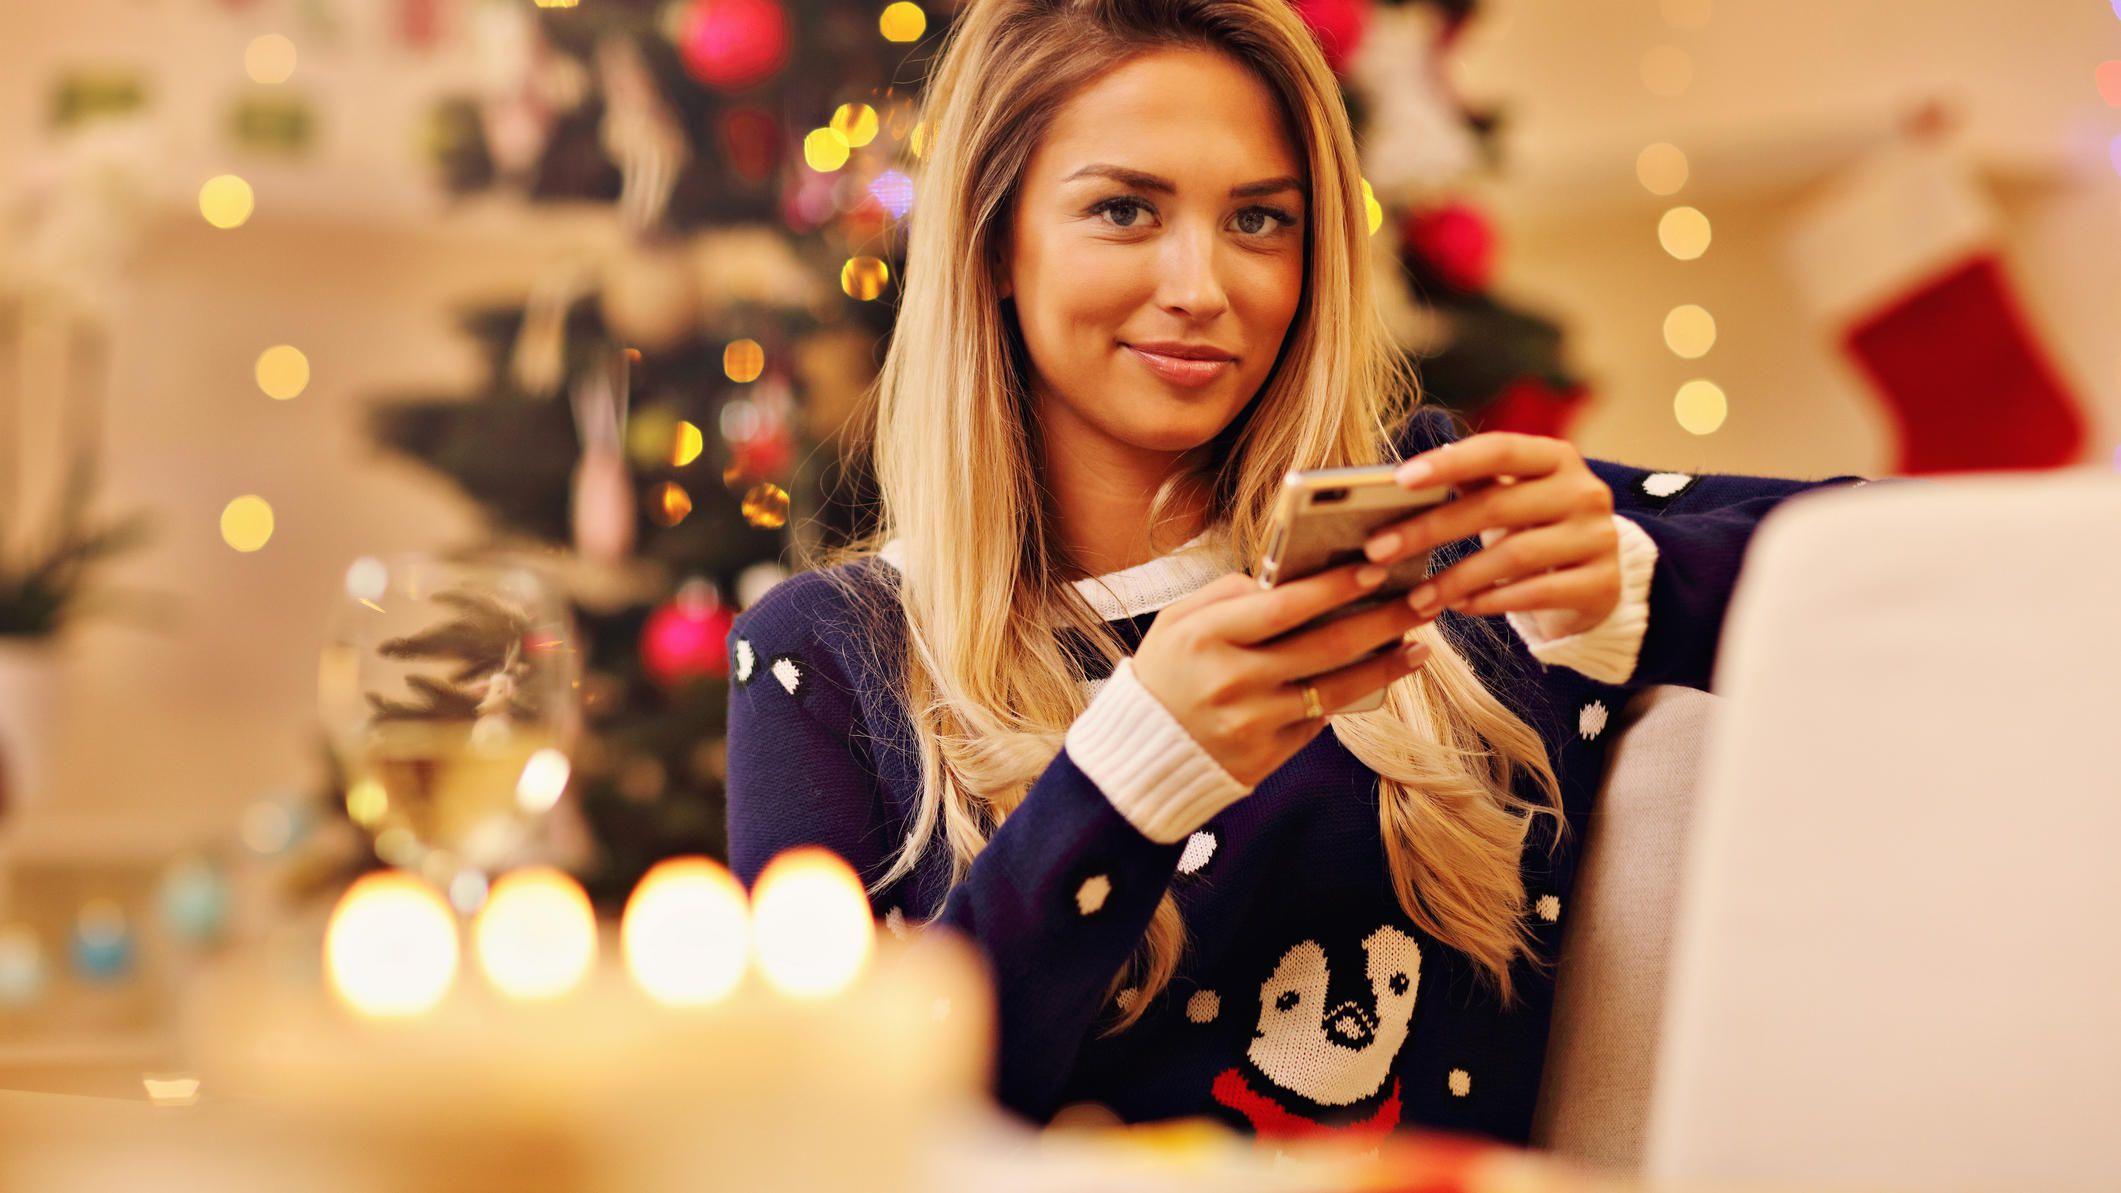 Lustige Weihnachtsgrüße Verschicken.Die Schönsten Weihnachtssprüche Für Ihre Whatsapp Nachricht